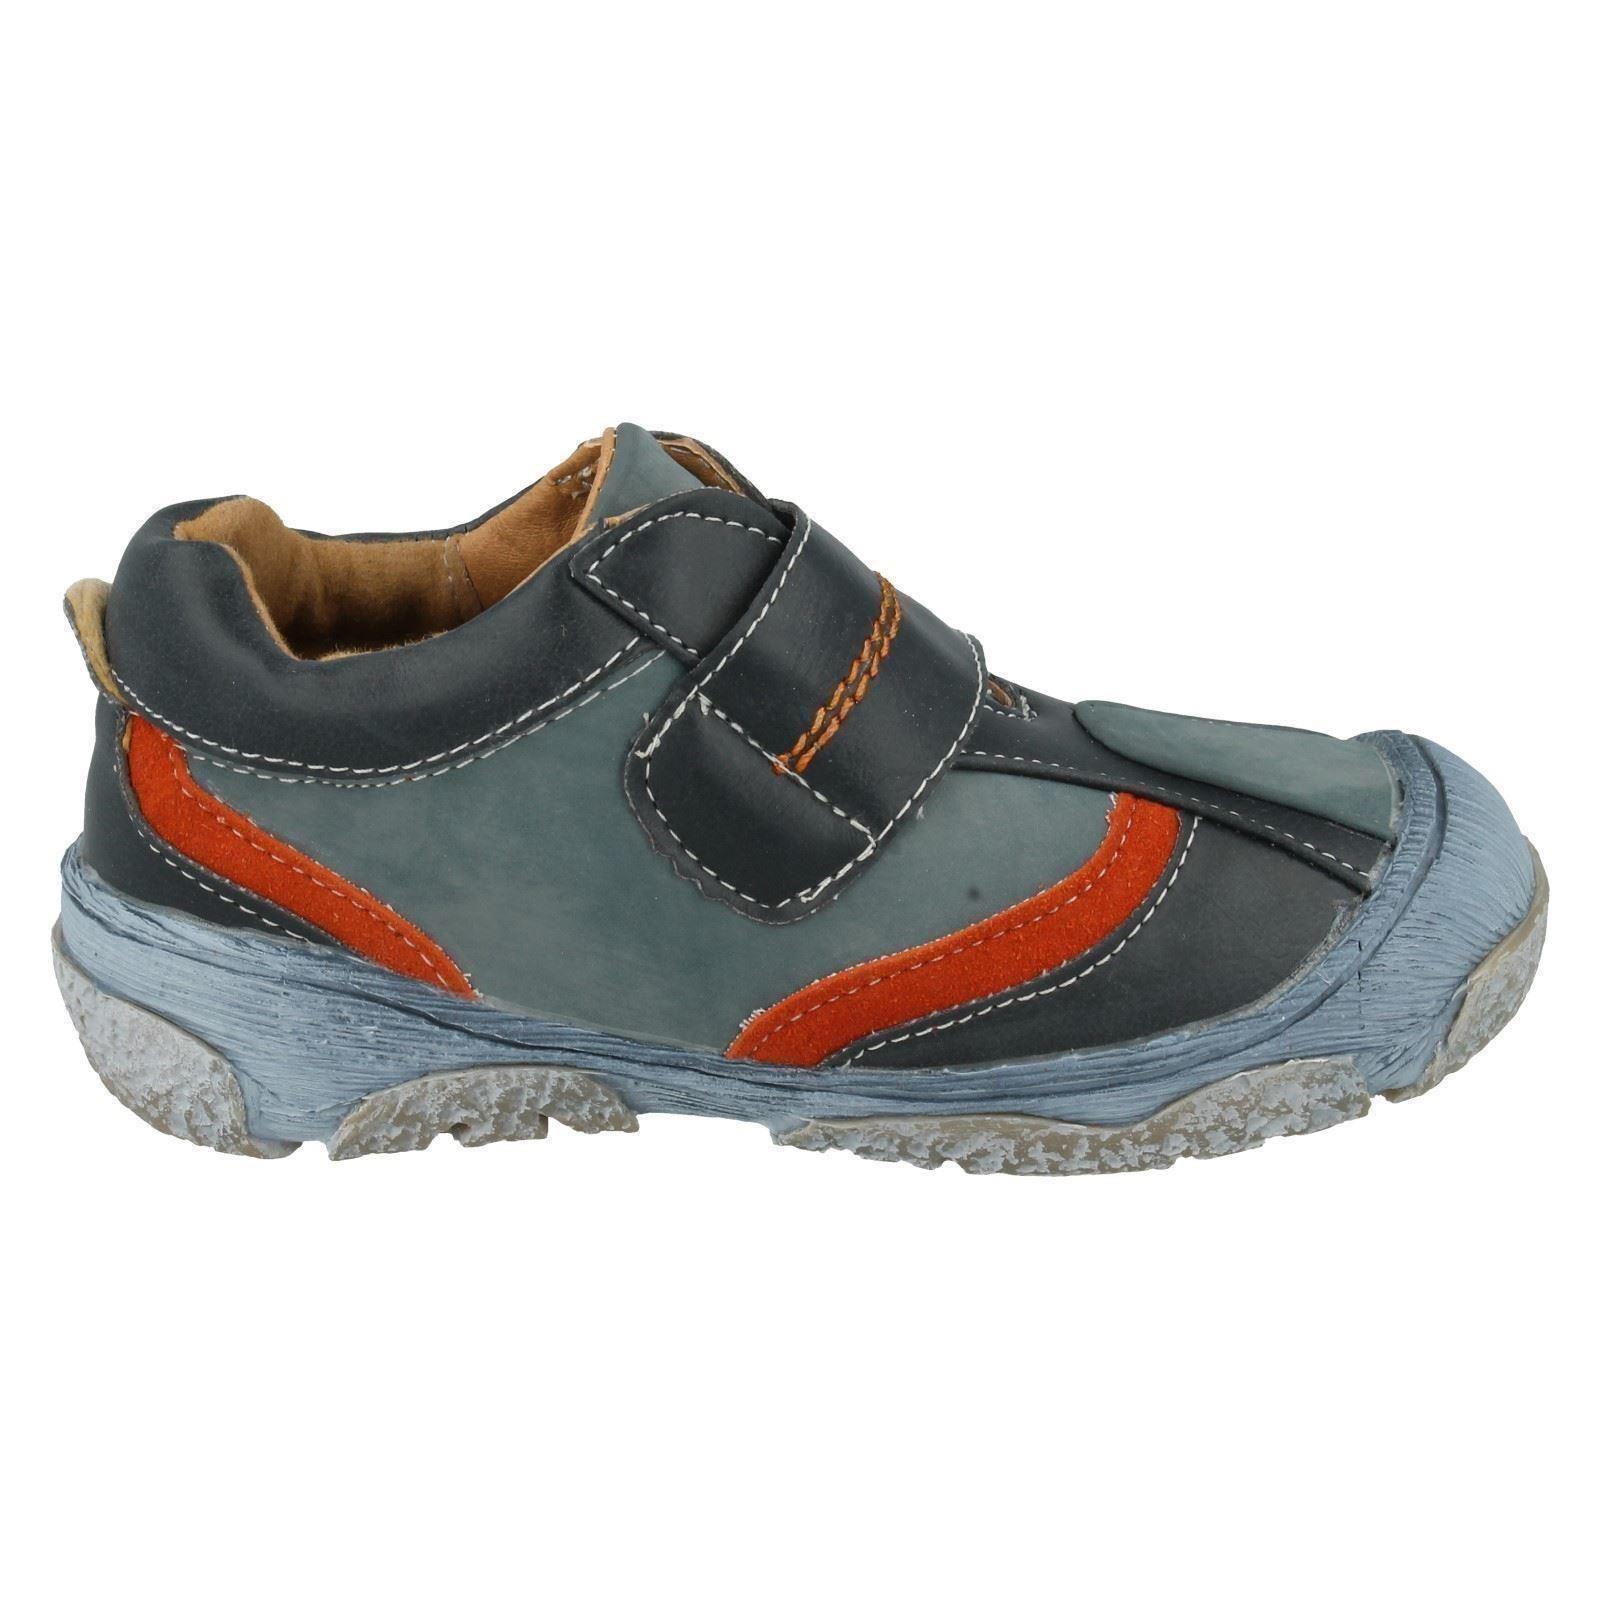 Infantil muchachos Jcdees Zapatos N1023